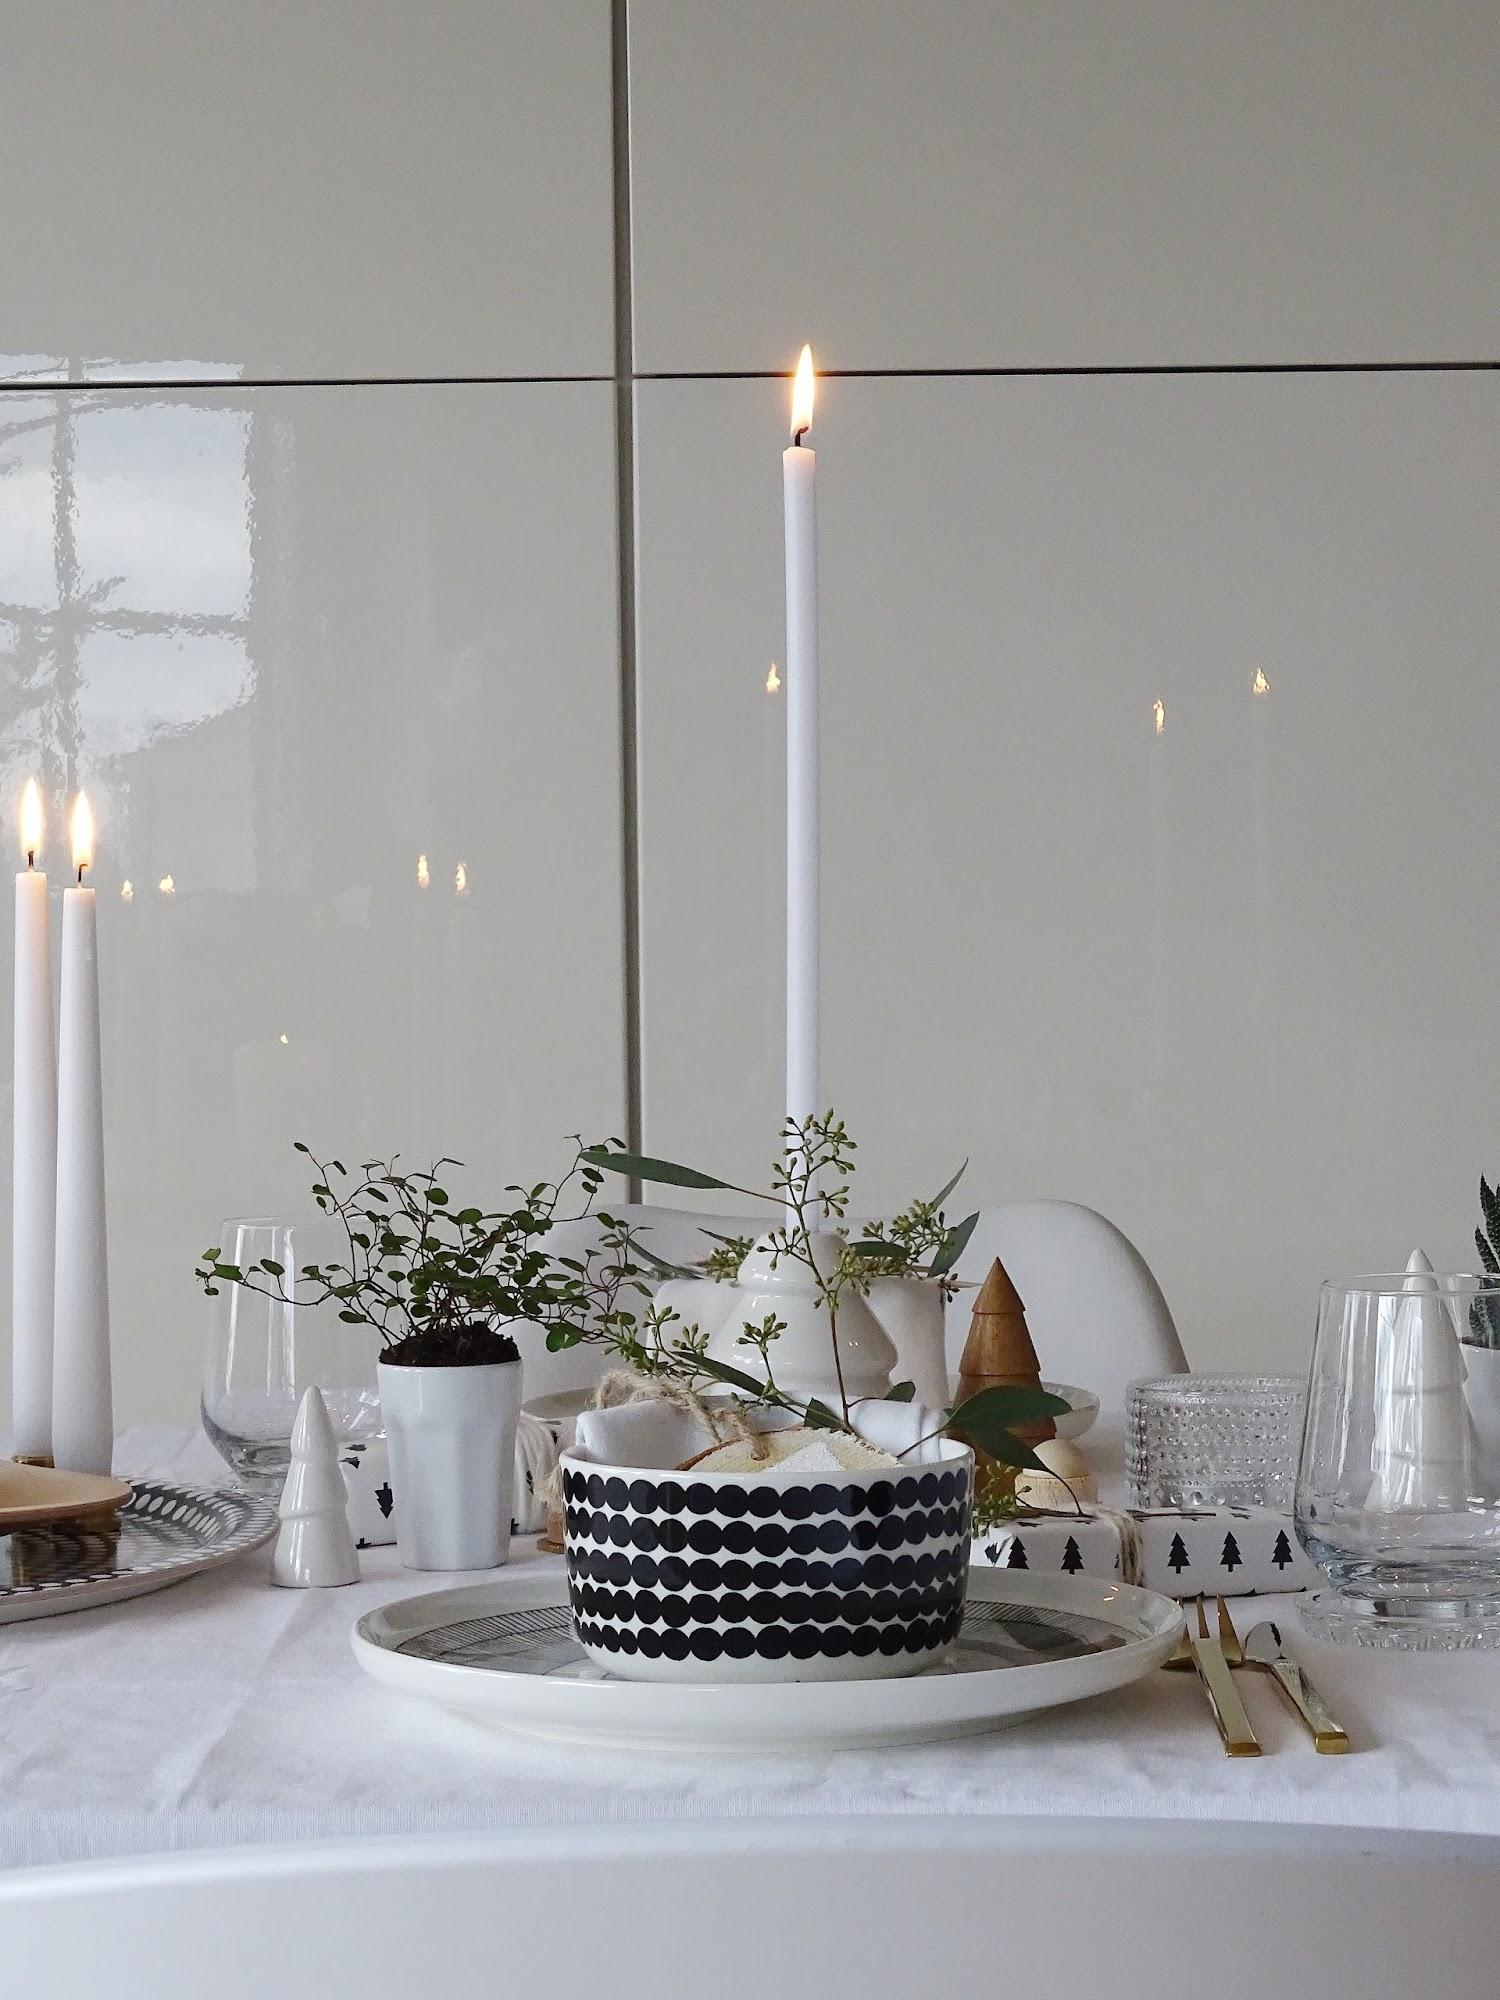 auf der mammilade n seite des lebens personal lifestyle diy and interior blog verlosung. Black Bedroom Furniture Sets. Home Design Ideas